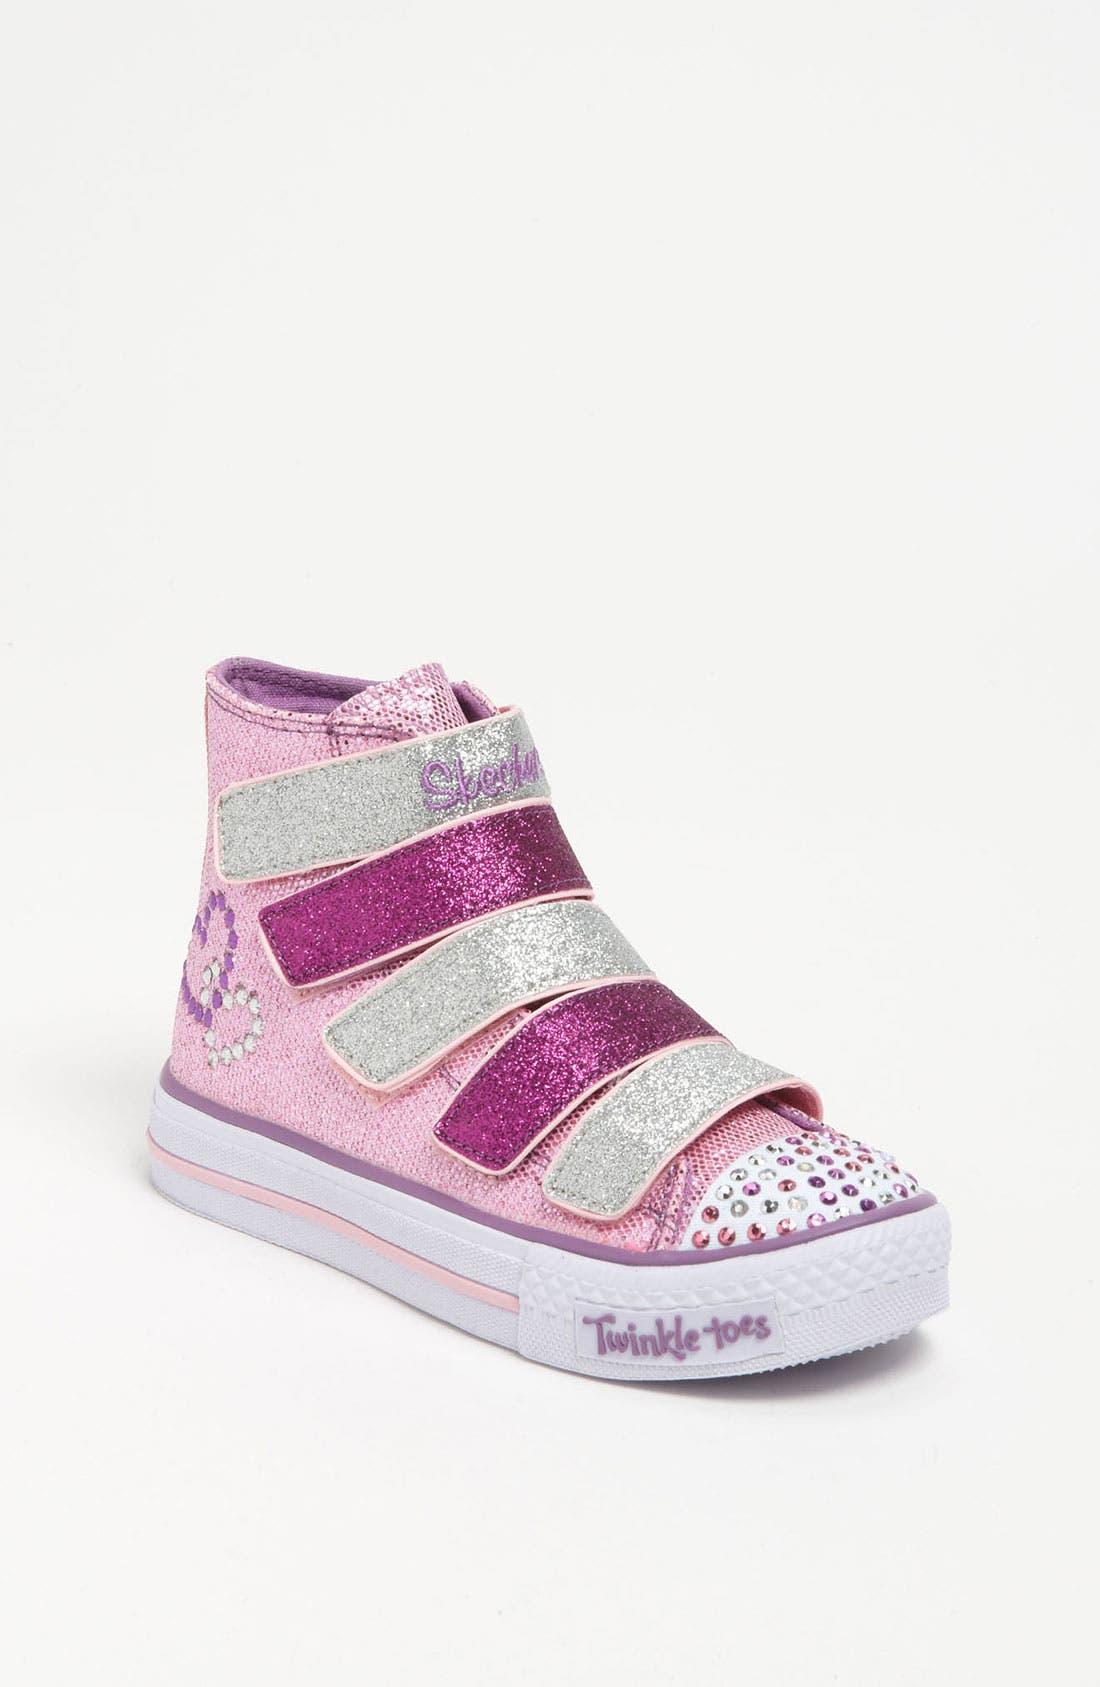 Alternate Image 1 Selected - SKECHERS 'Shuffles S Lights -  5 Alive' Sneaker (Toddler & Little Kid)